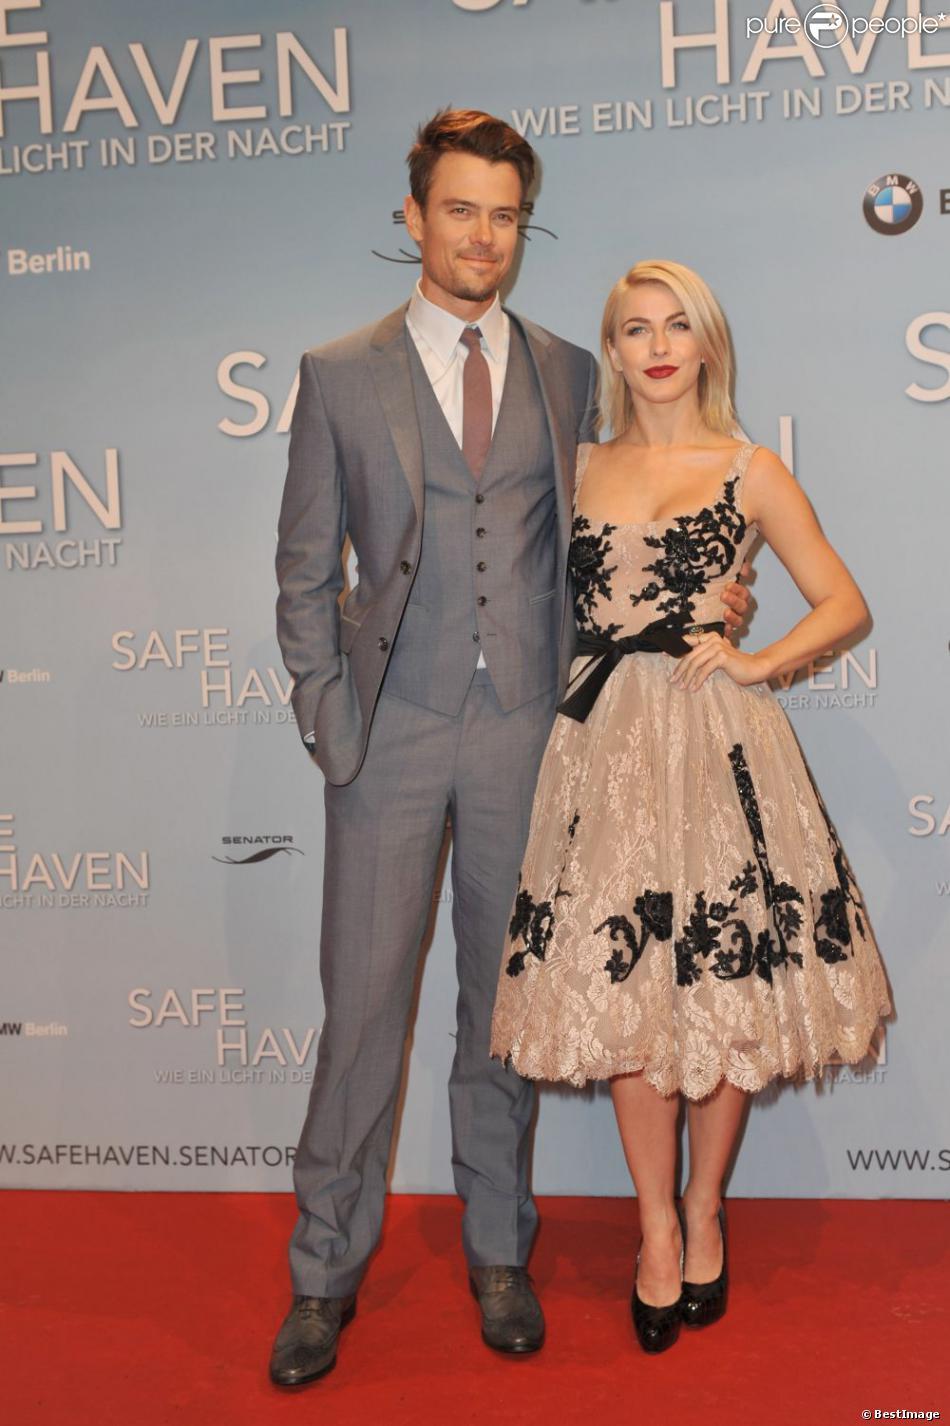 Josh Duhamel et Julianne Hough étaient à Berlin pour l'avant-première du film  Safe Haven , le 24 février 2013. Les acteurs et le public présents dans la salle de projection ont entamé un Harlem Shake endiablé.